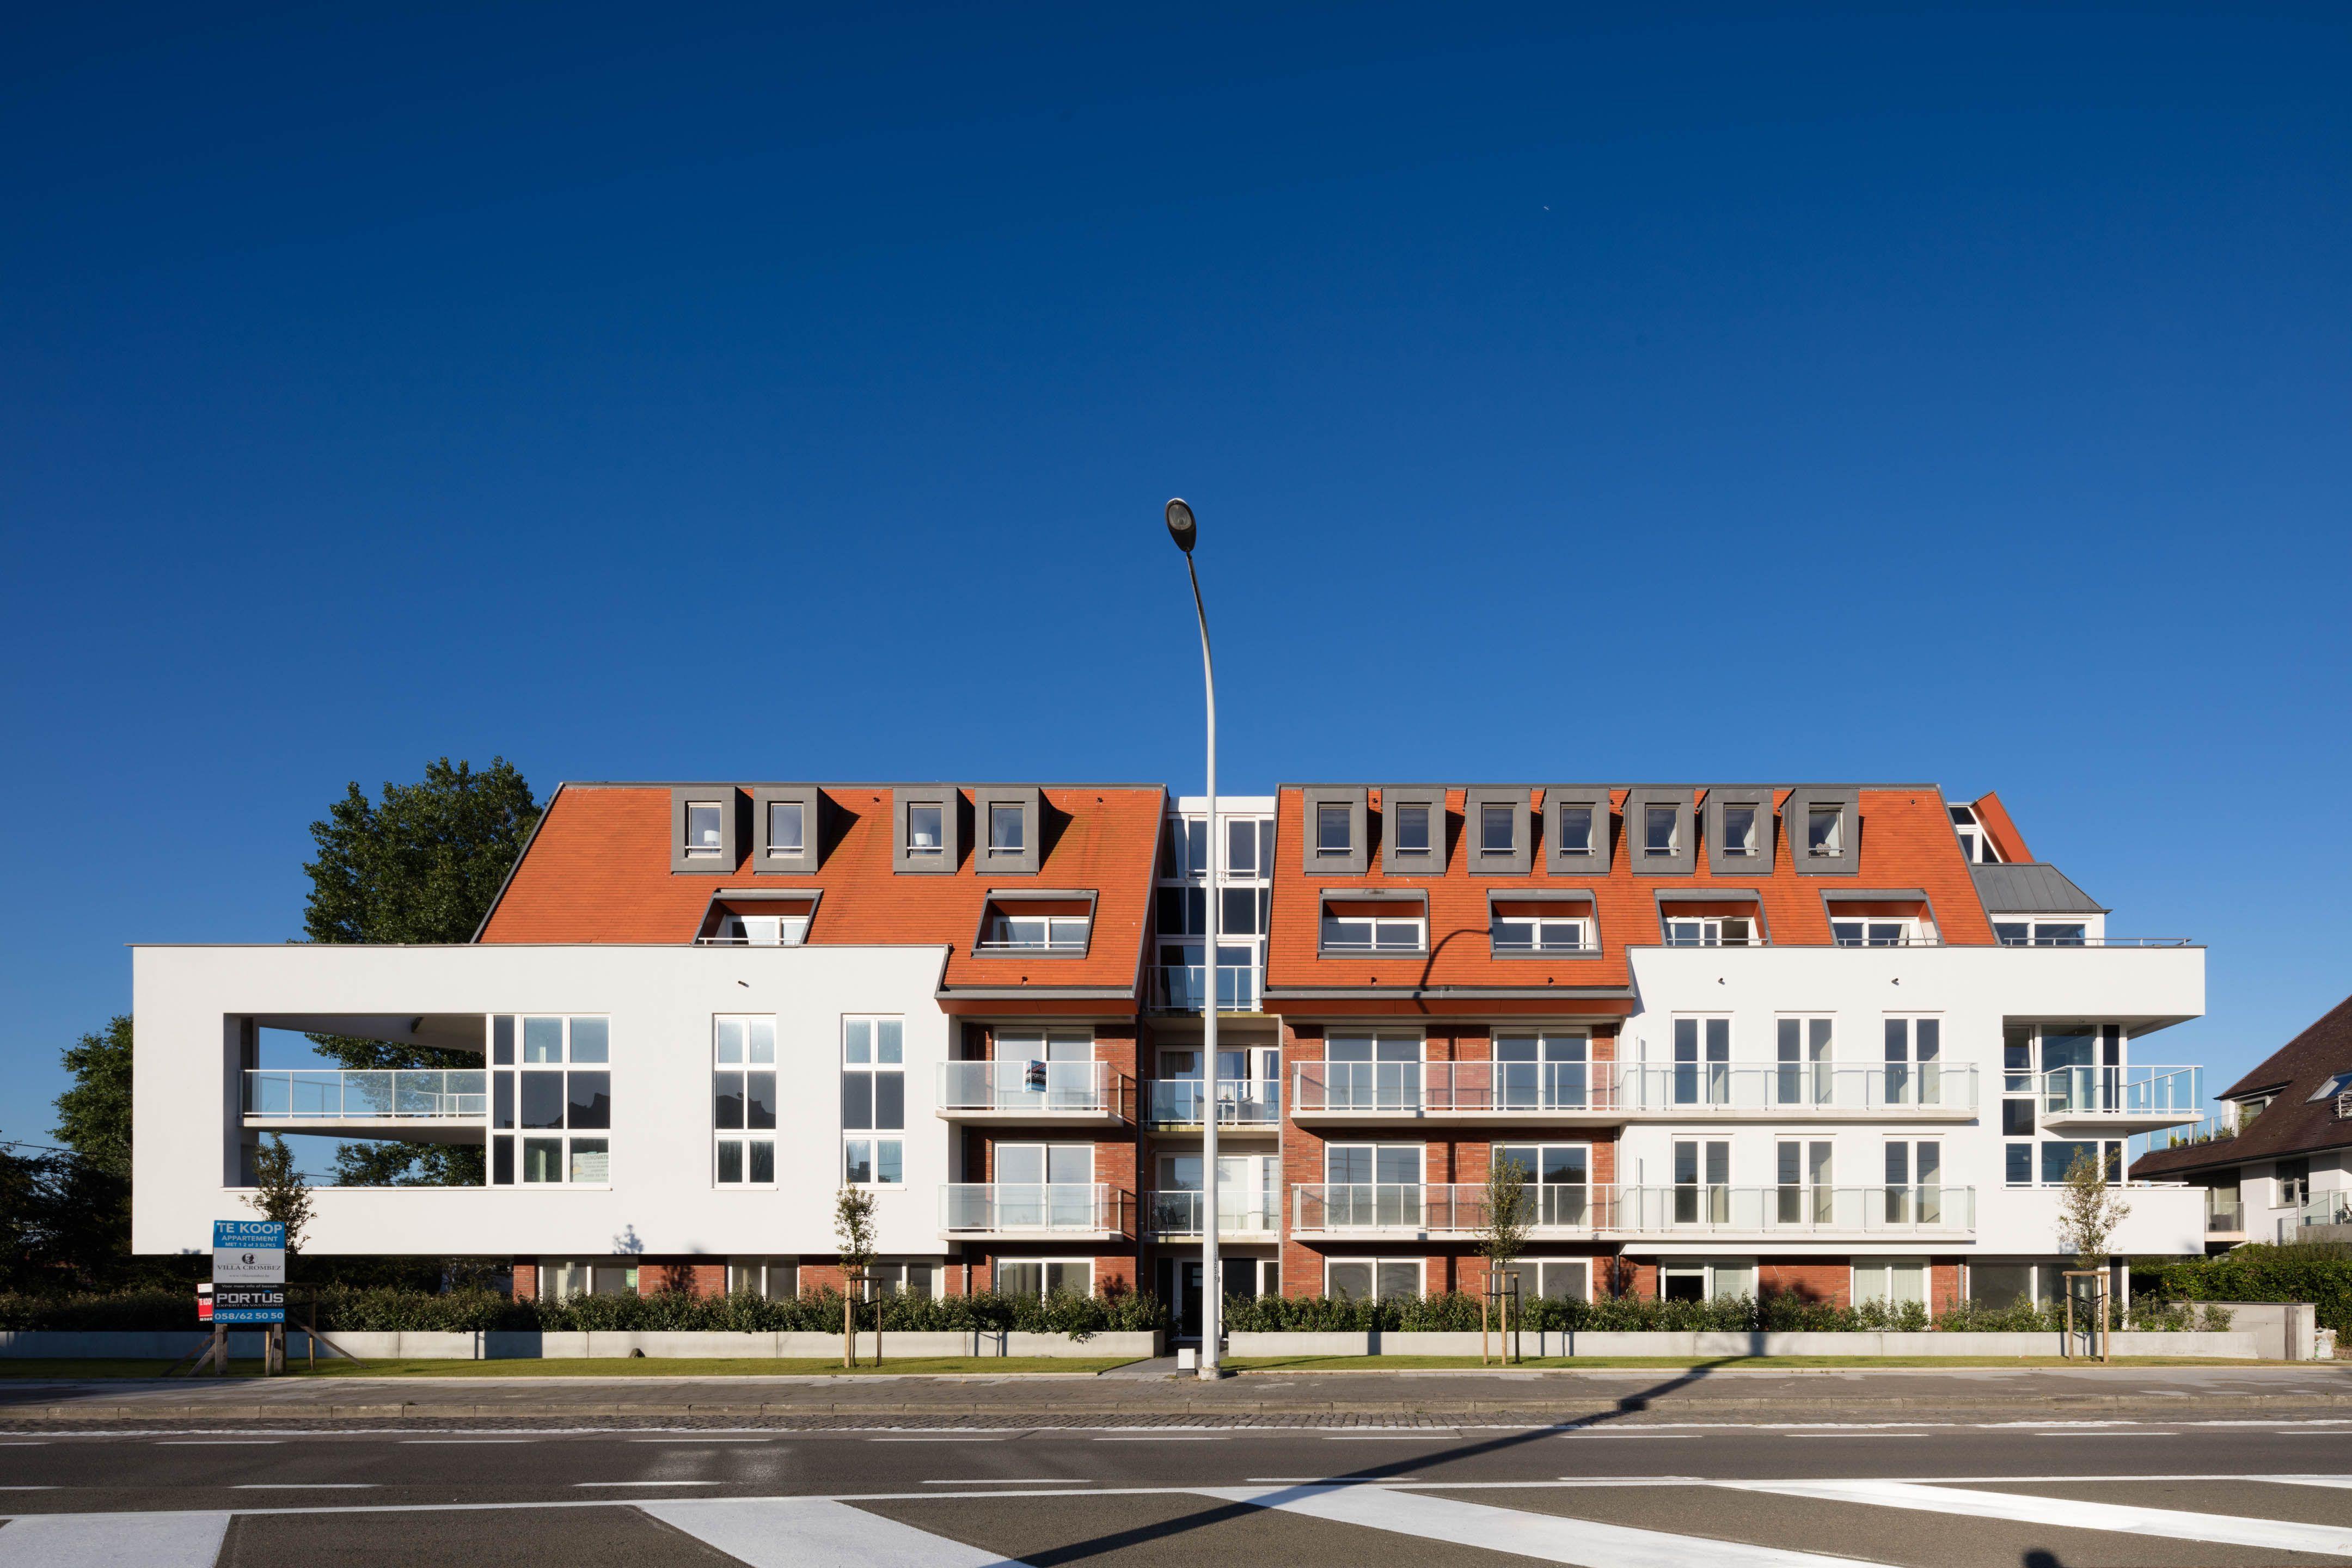 Appartement Residentie Villa Crombez Nieuwpoort - 9294